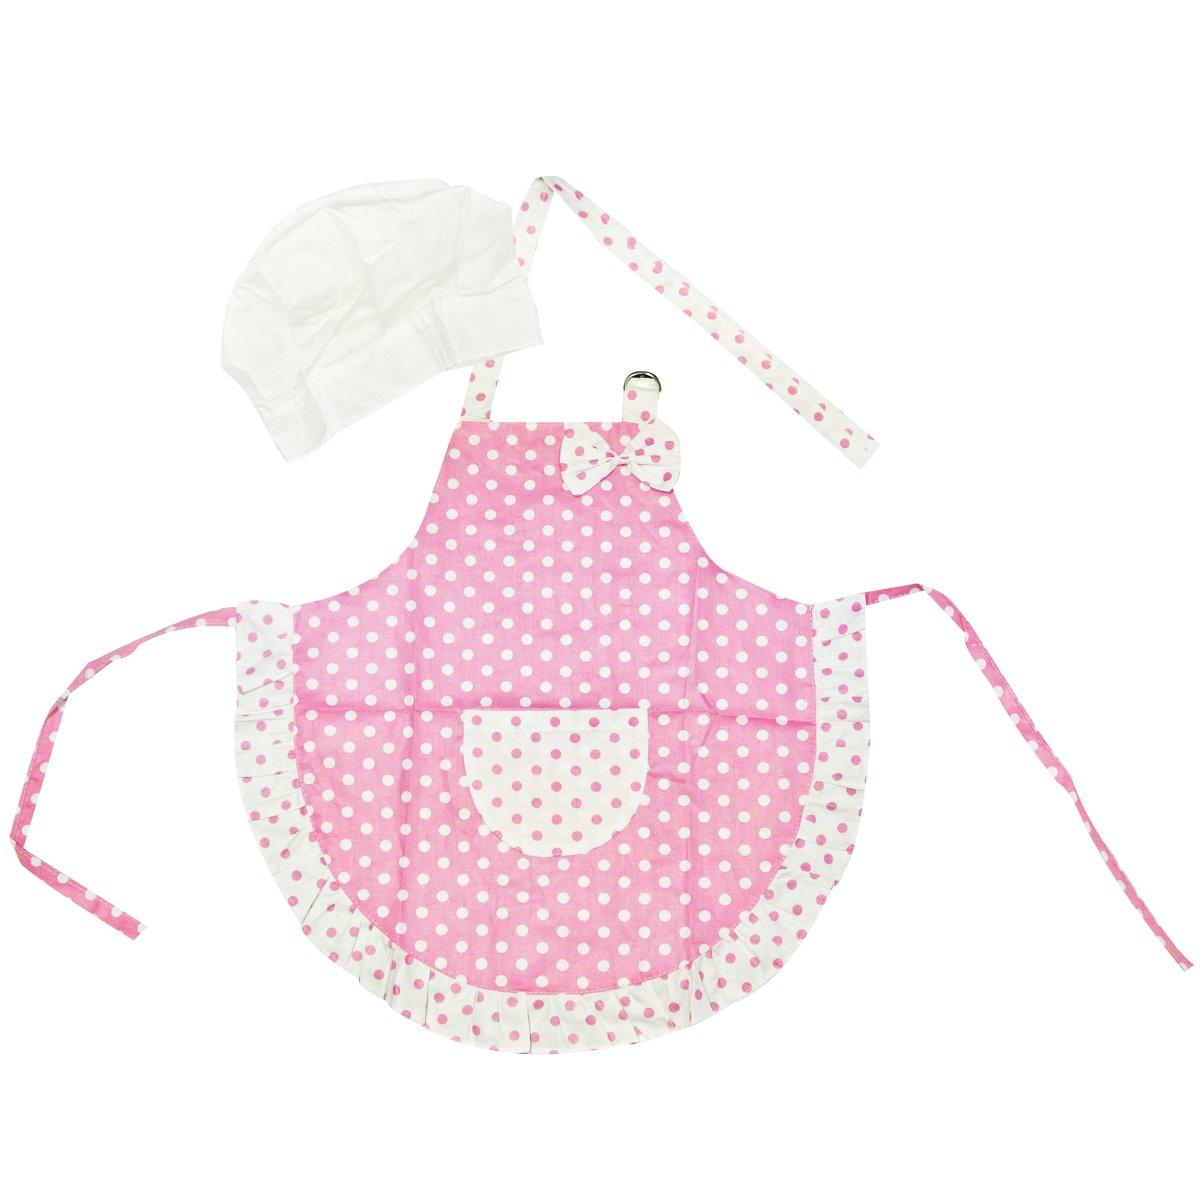 Kella Milla Pink Polka Dots and Ruffles Kids Apron & Hat Set Wrapables